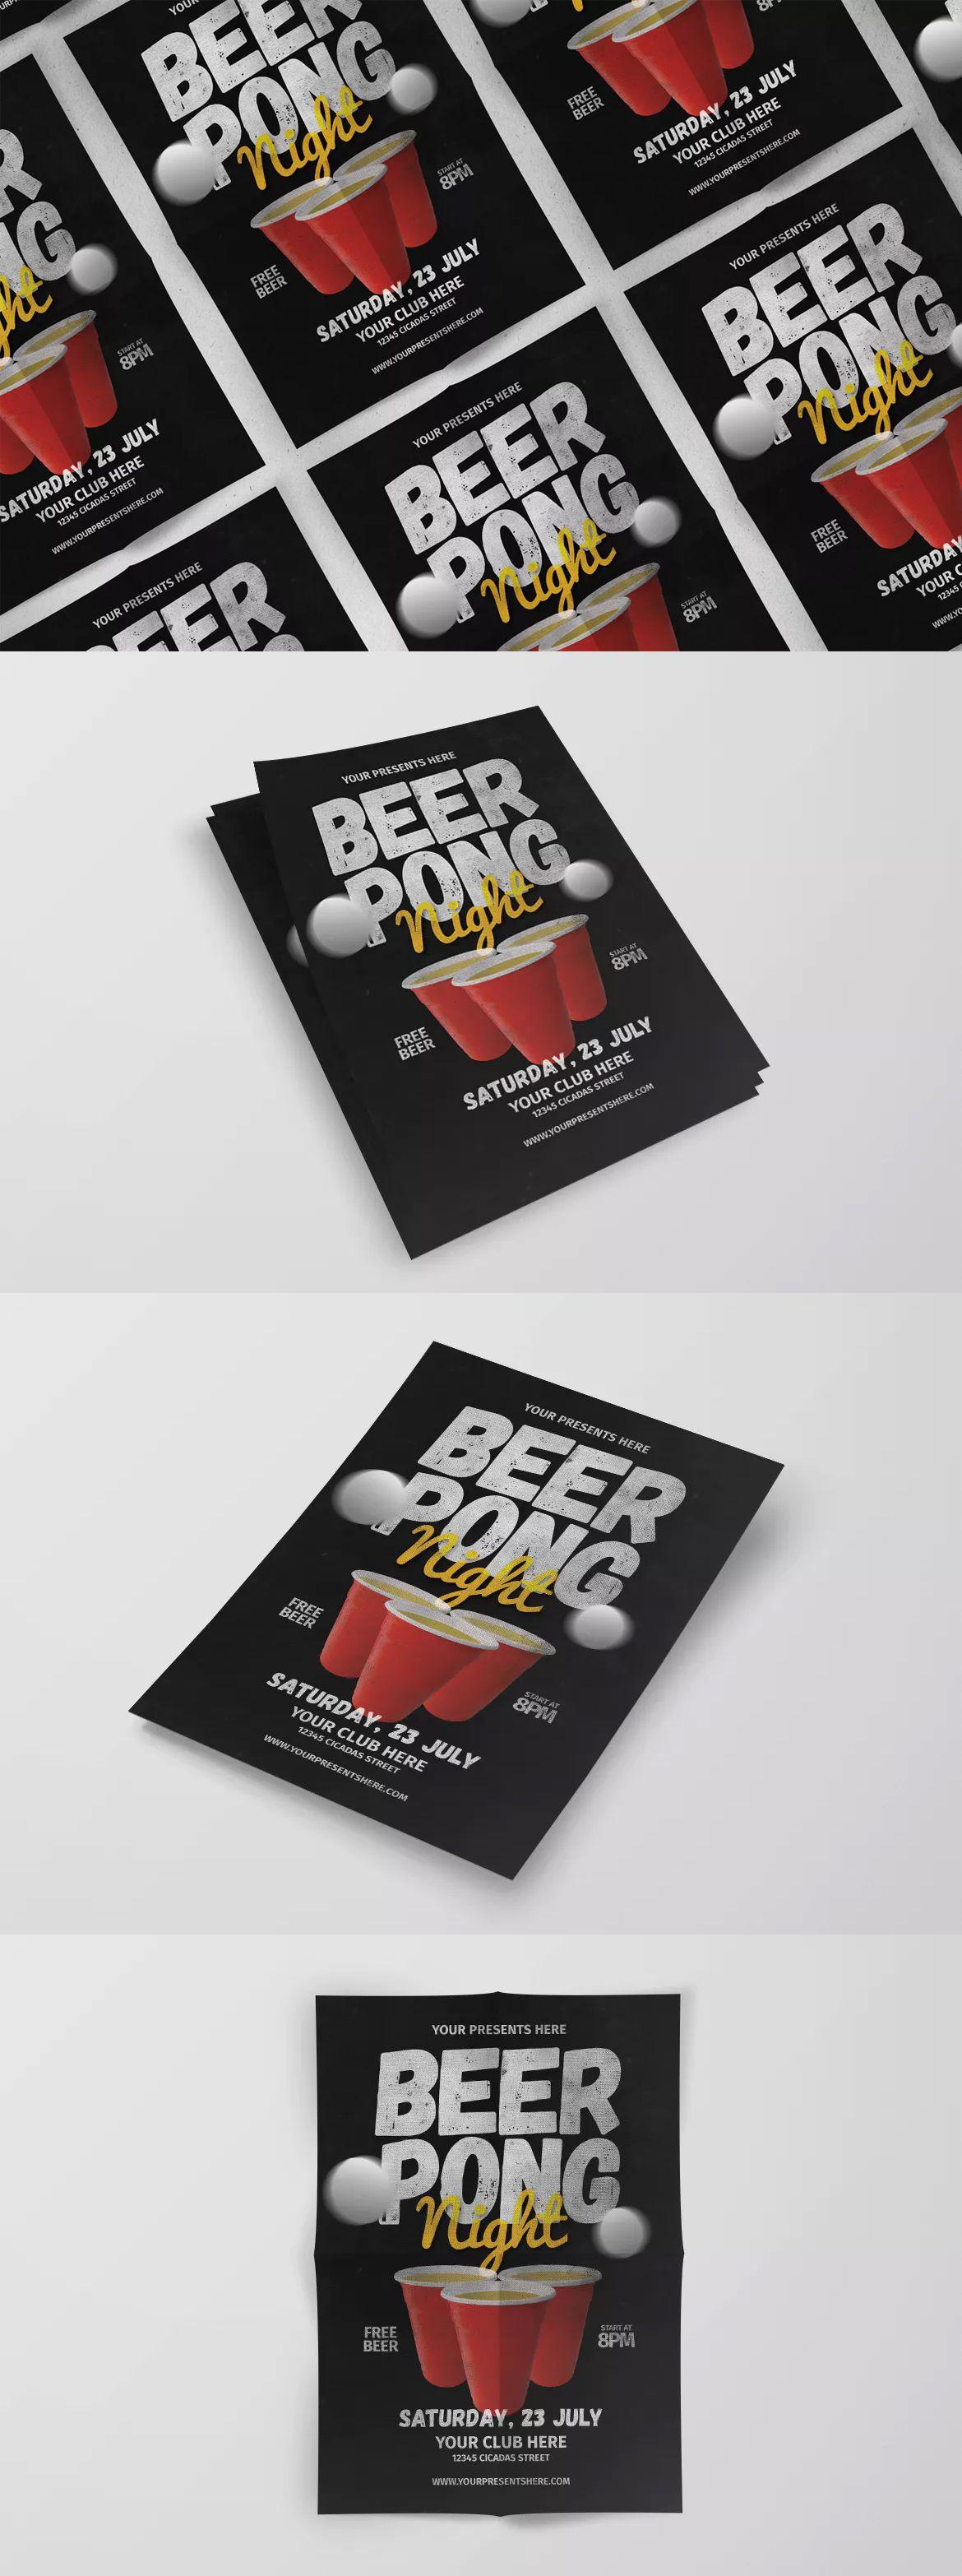 Beer Pong Flyer Template PSD Unlimiteddownloads